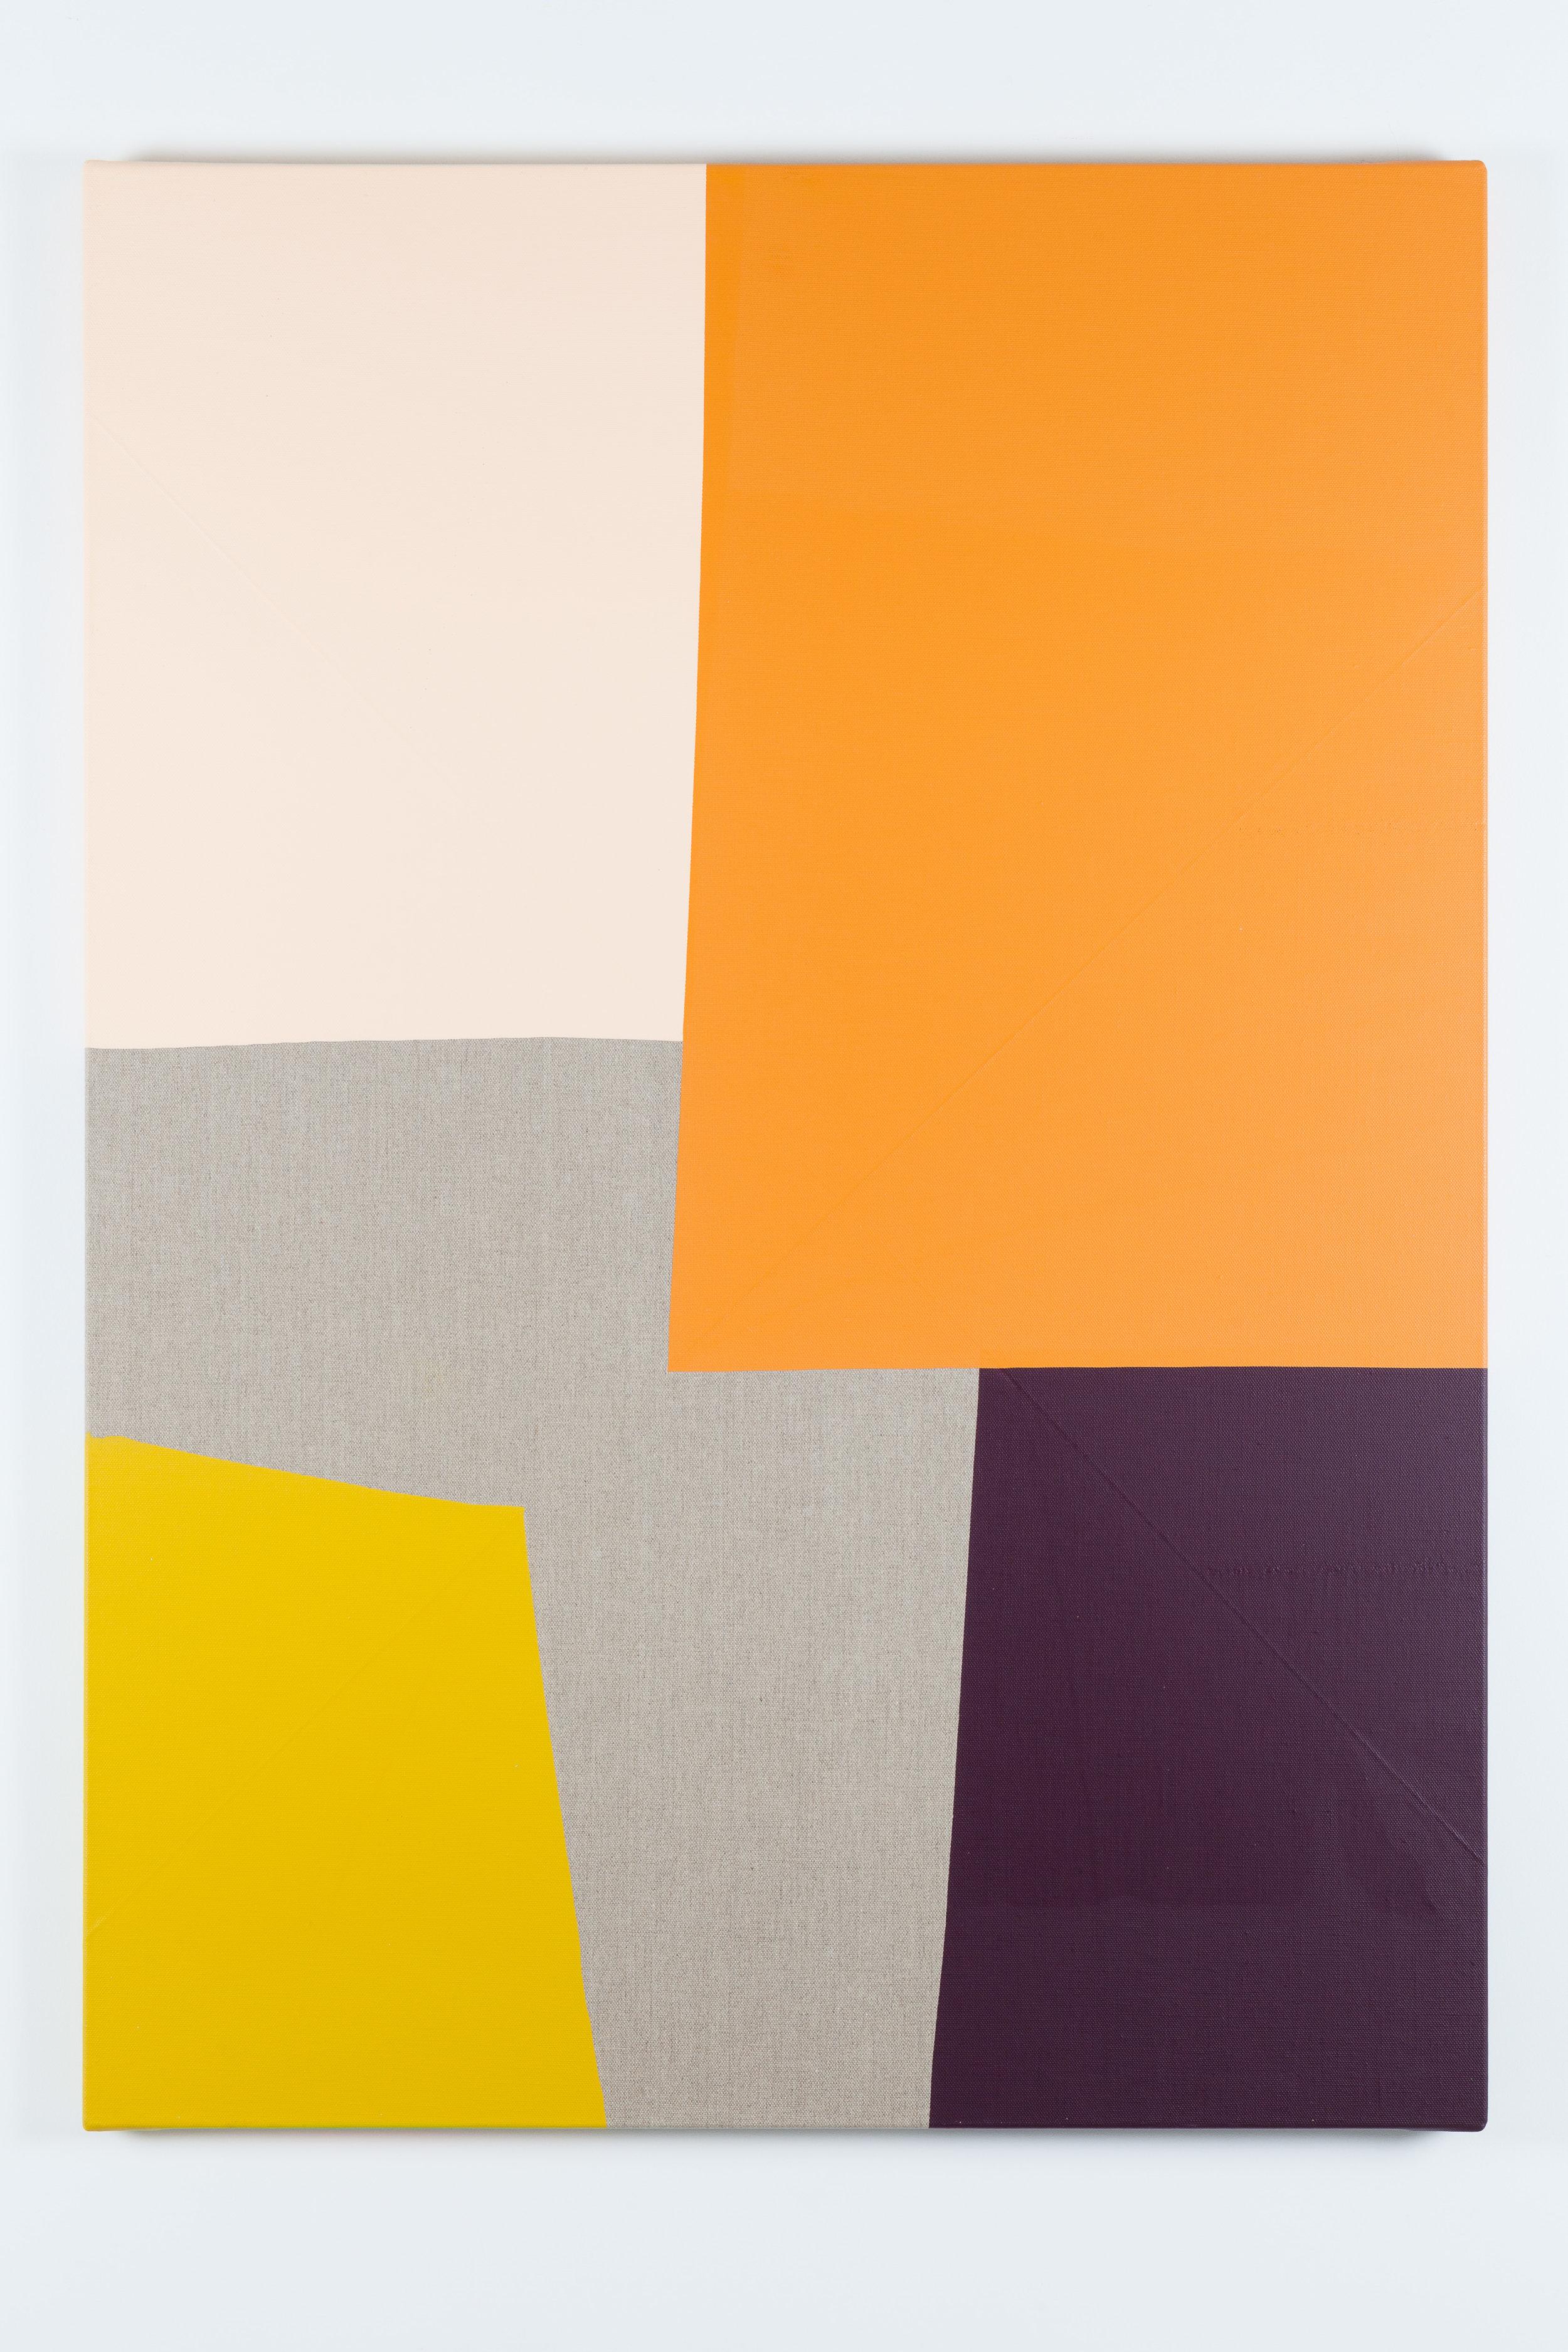 Dip / 3 . 2017. Acrylic on linen canvas. 139 x 100 x 3,5 cm